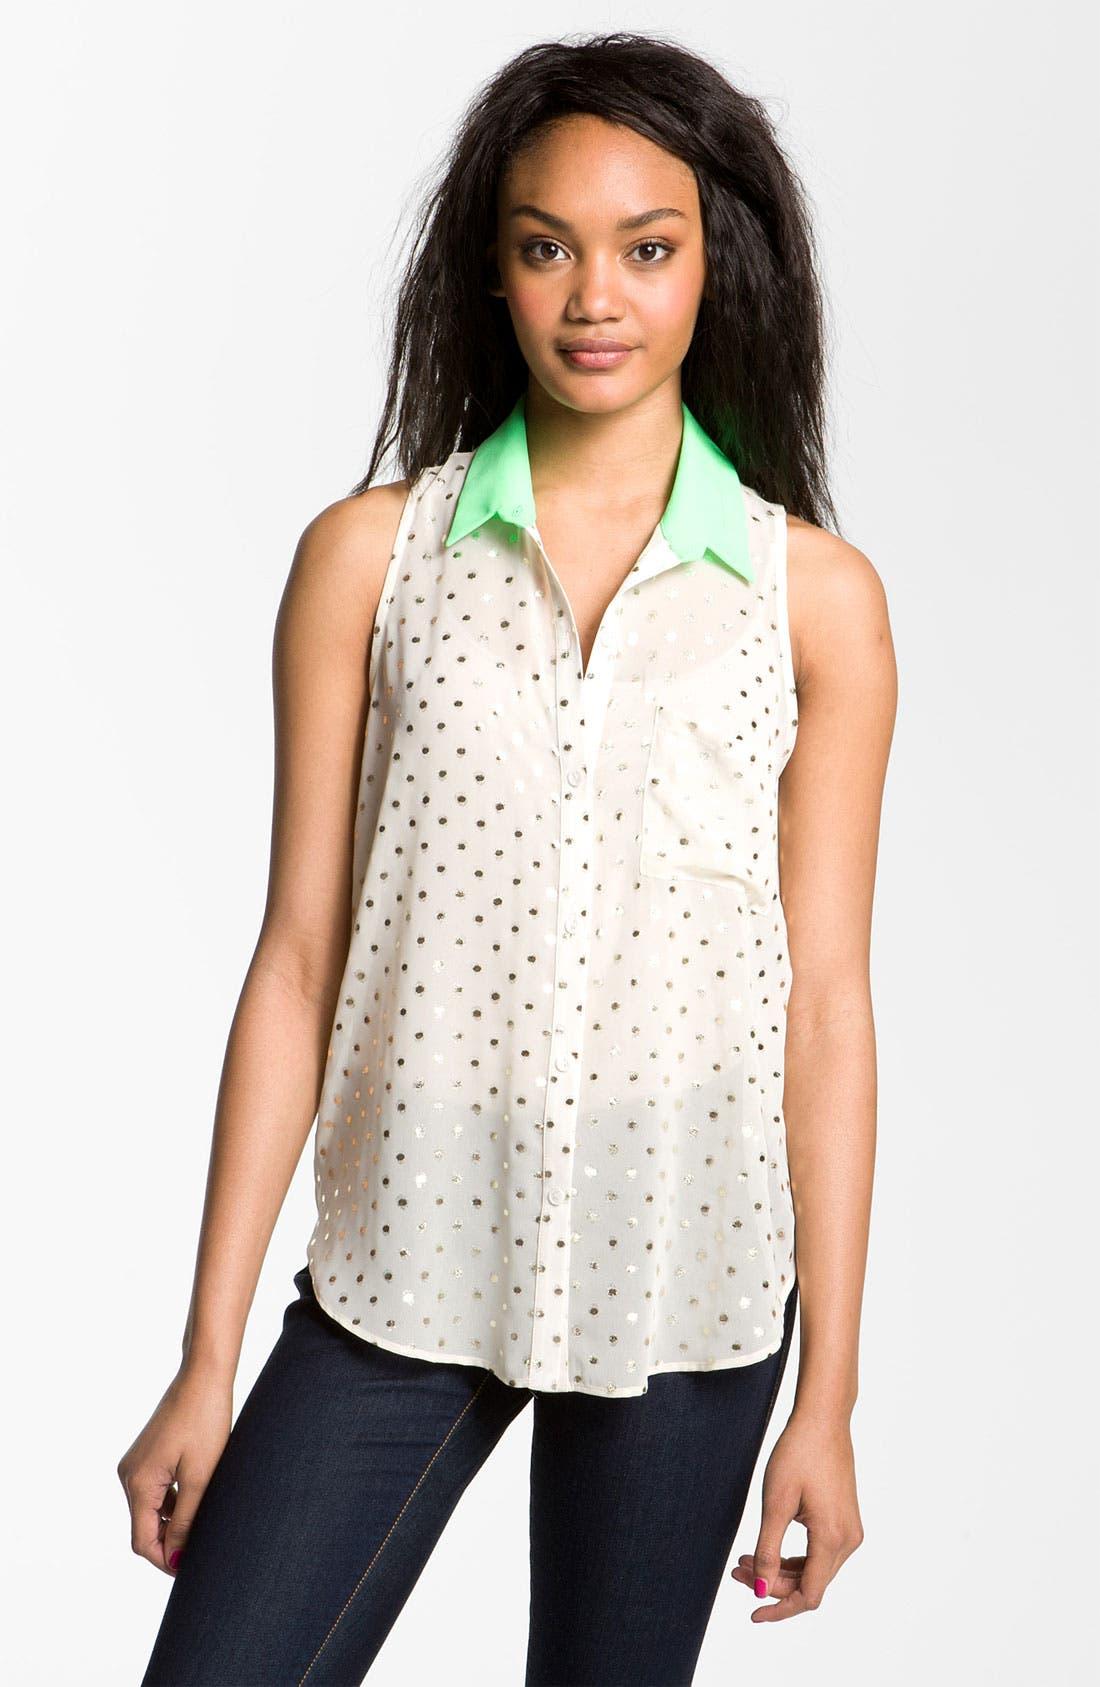 Alternate Image 1 Selected - Lush Foil Dot Sleeveless Shirt (Juniors)